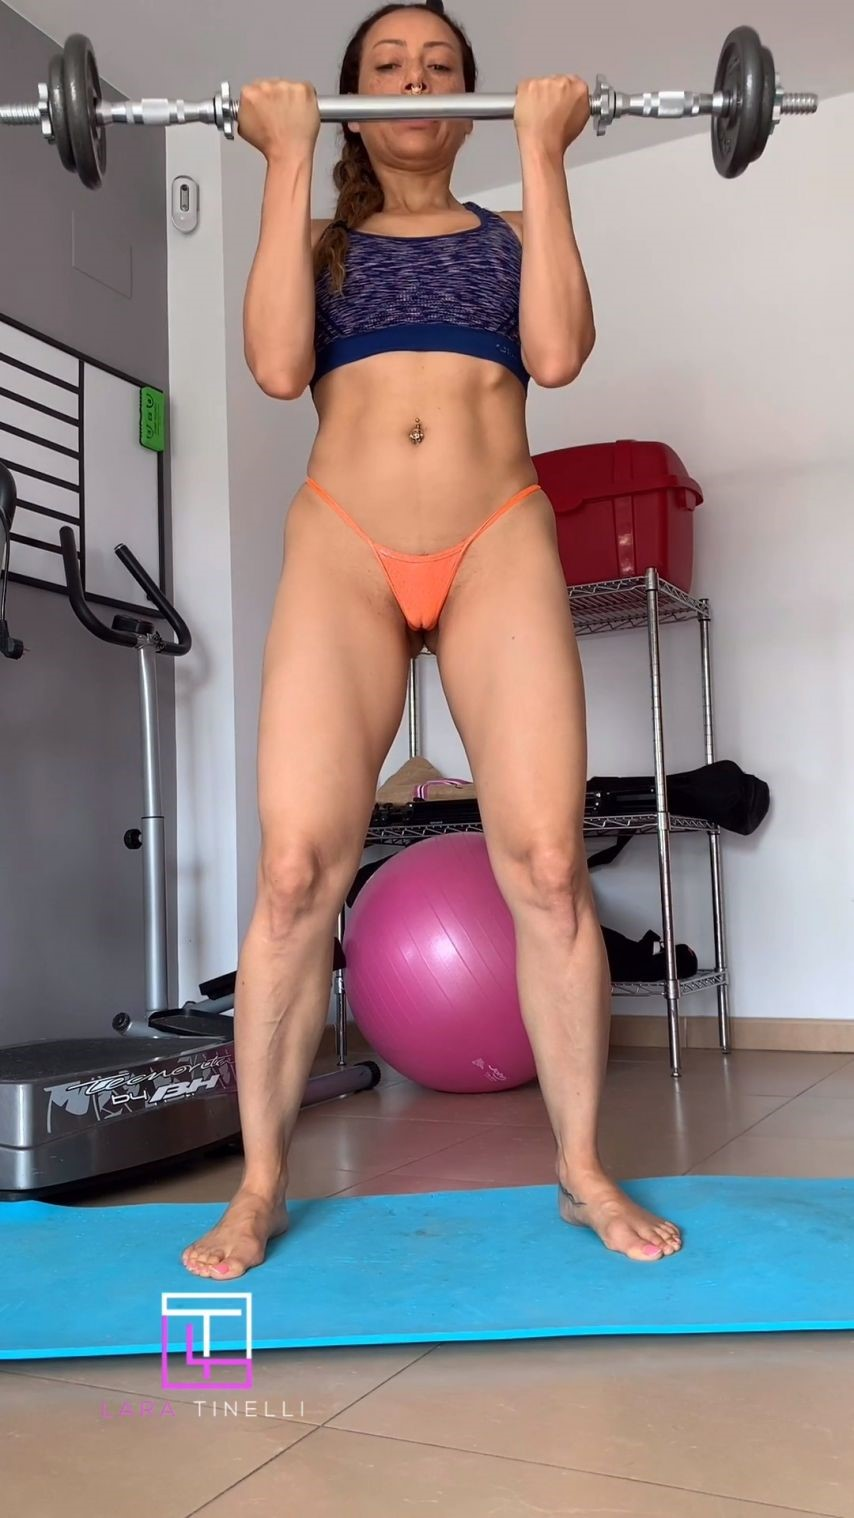 [SD] Lara Tinelli Sex Training Camel Toe Lara Tinelli - ManyVids-00:01:36 | Camel Toe,Female Training,Micro Bikini,Pornstars,Public Flashing - 61,3 MB